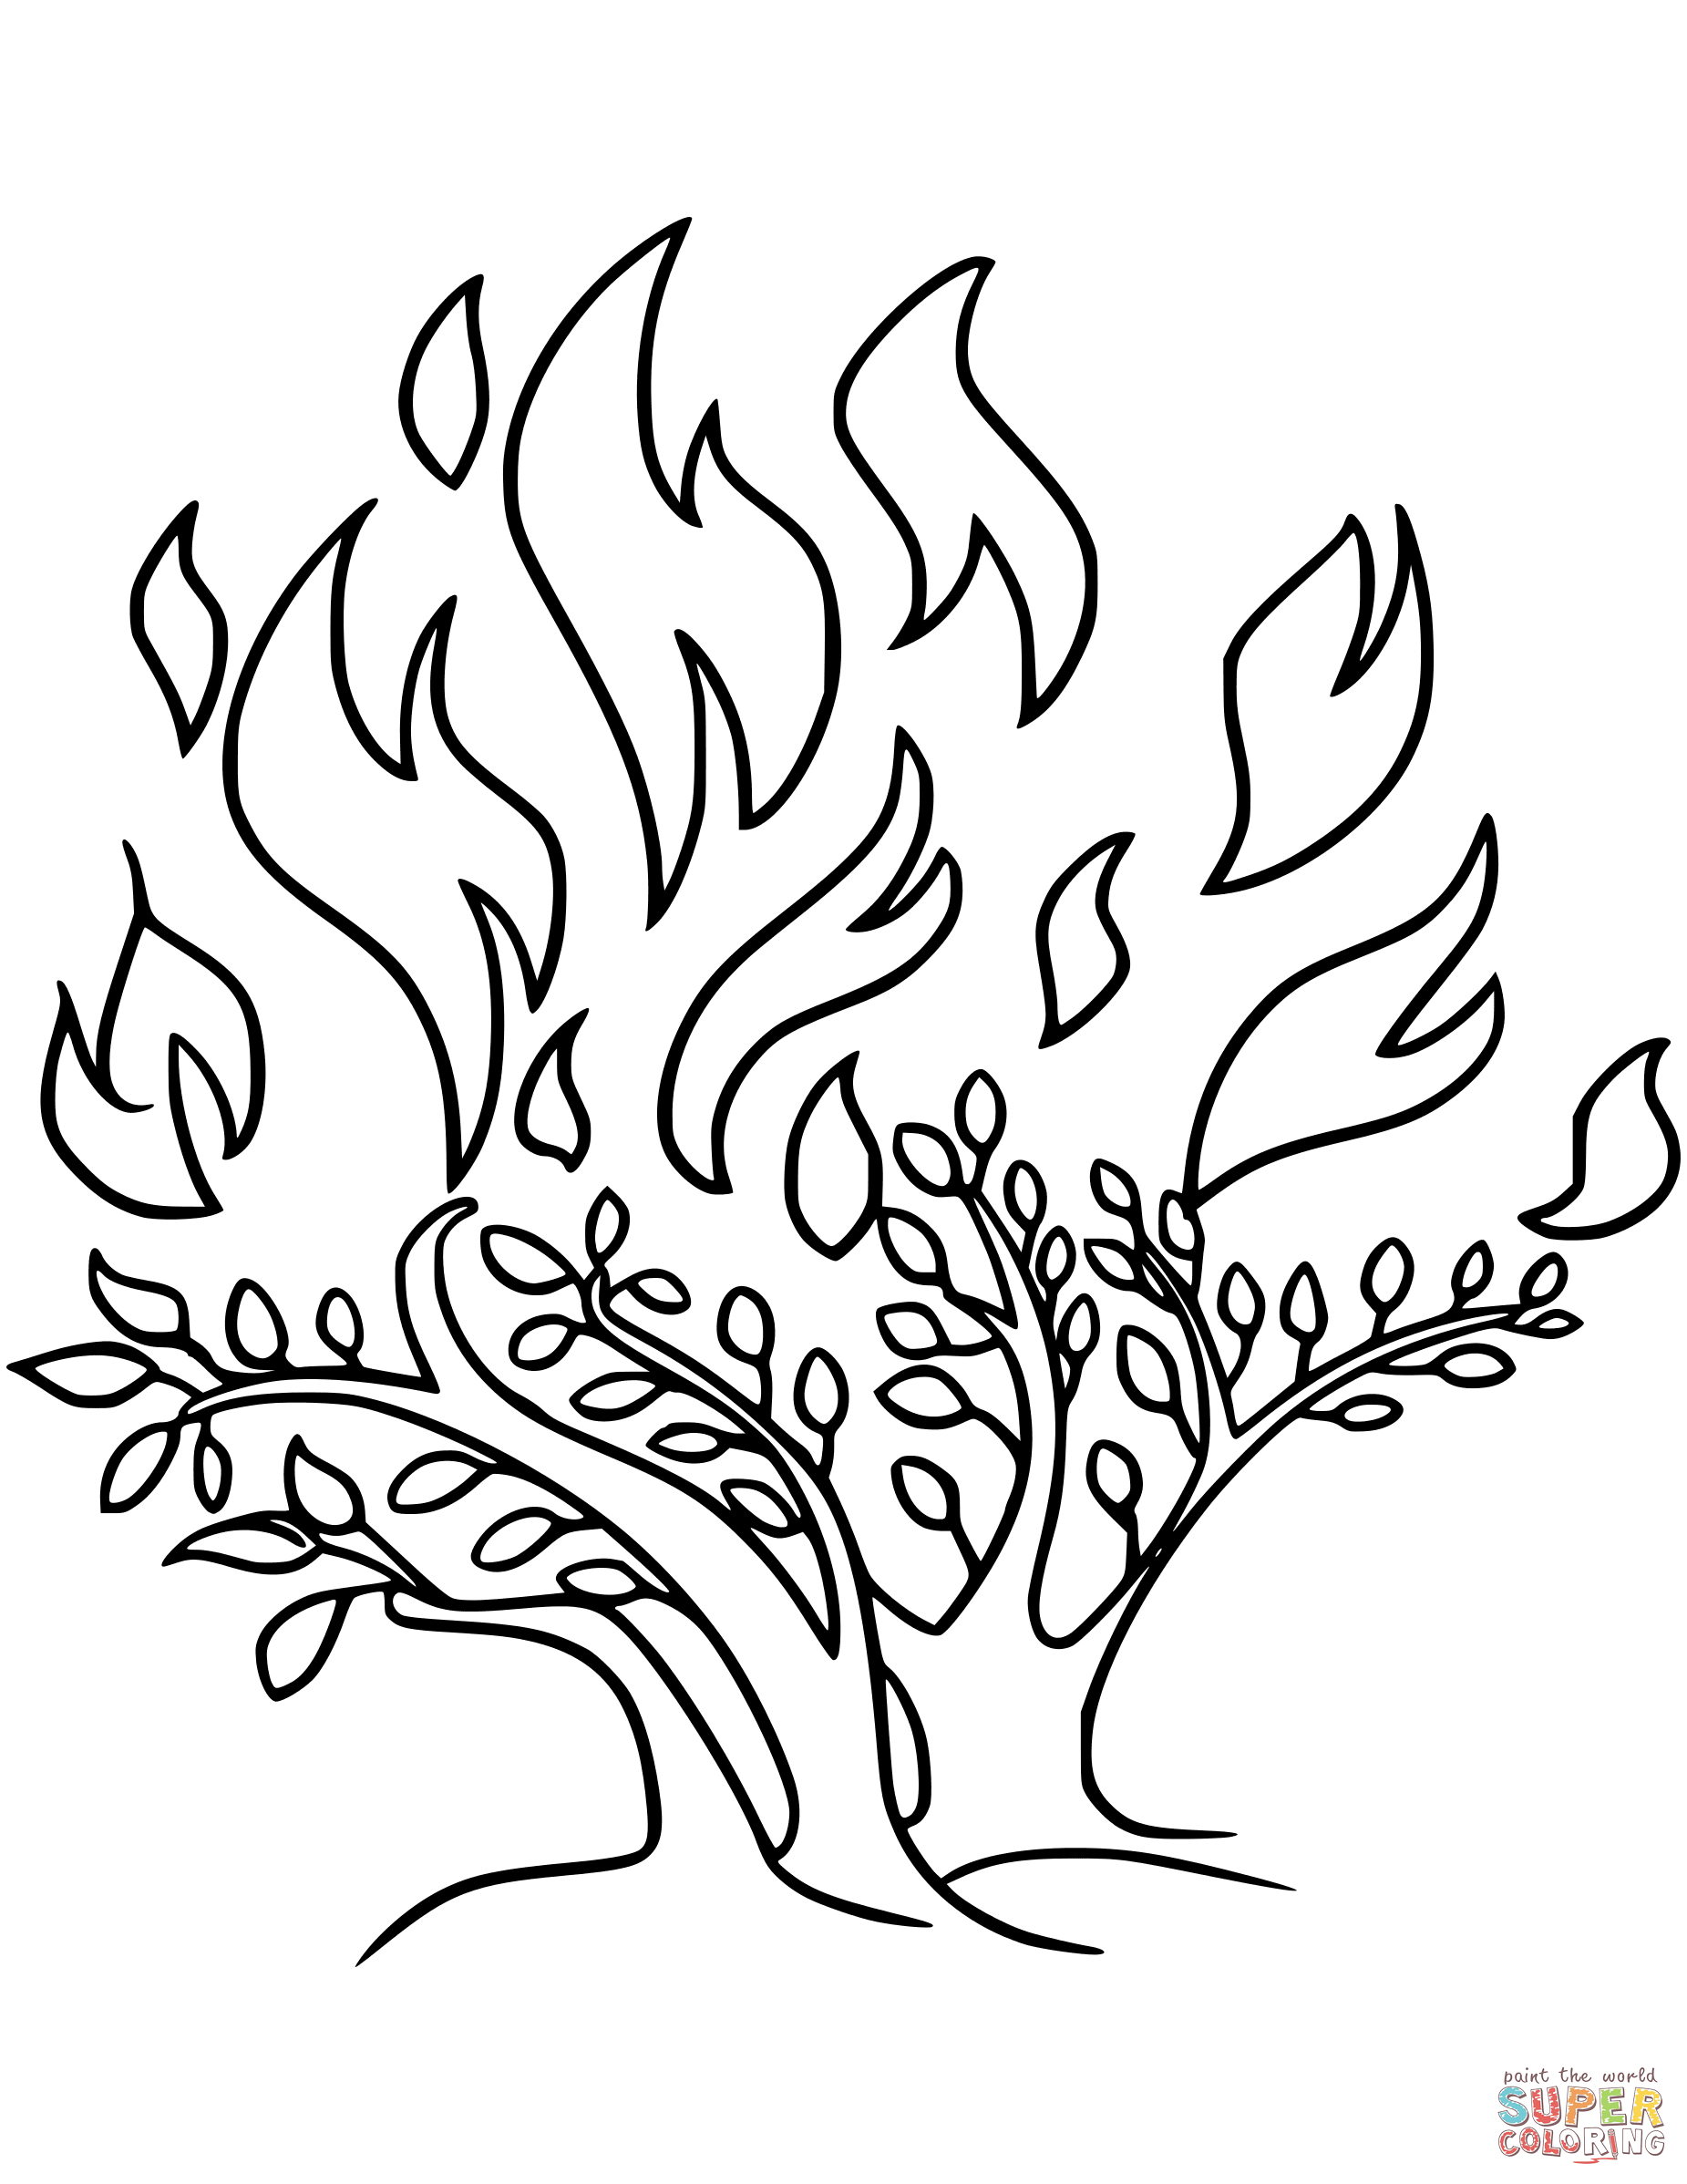 Bush coloring #10, Download drawings